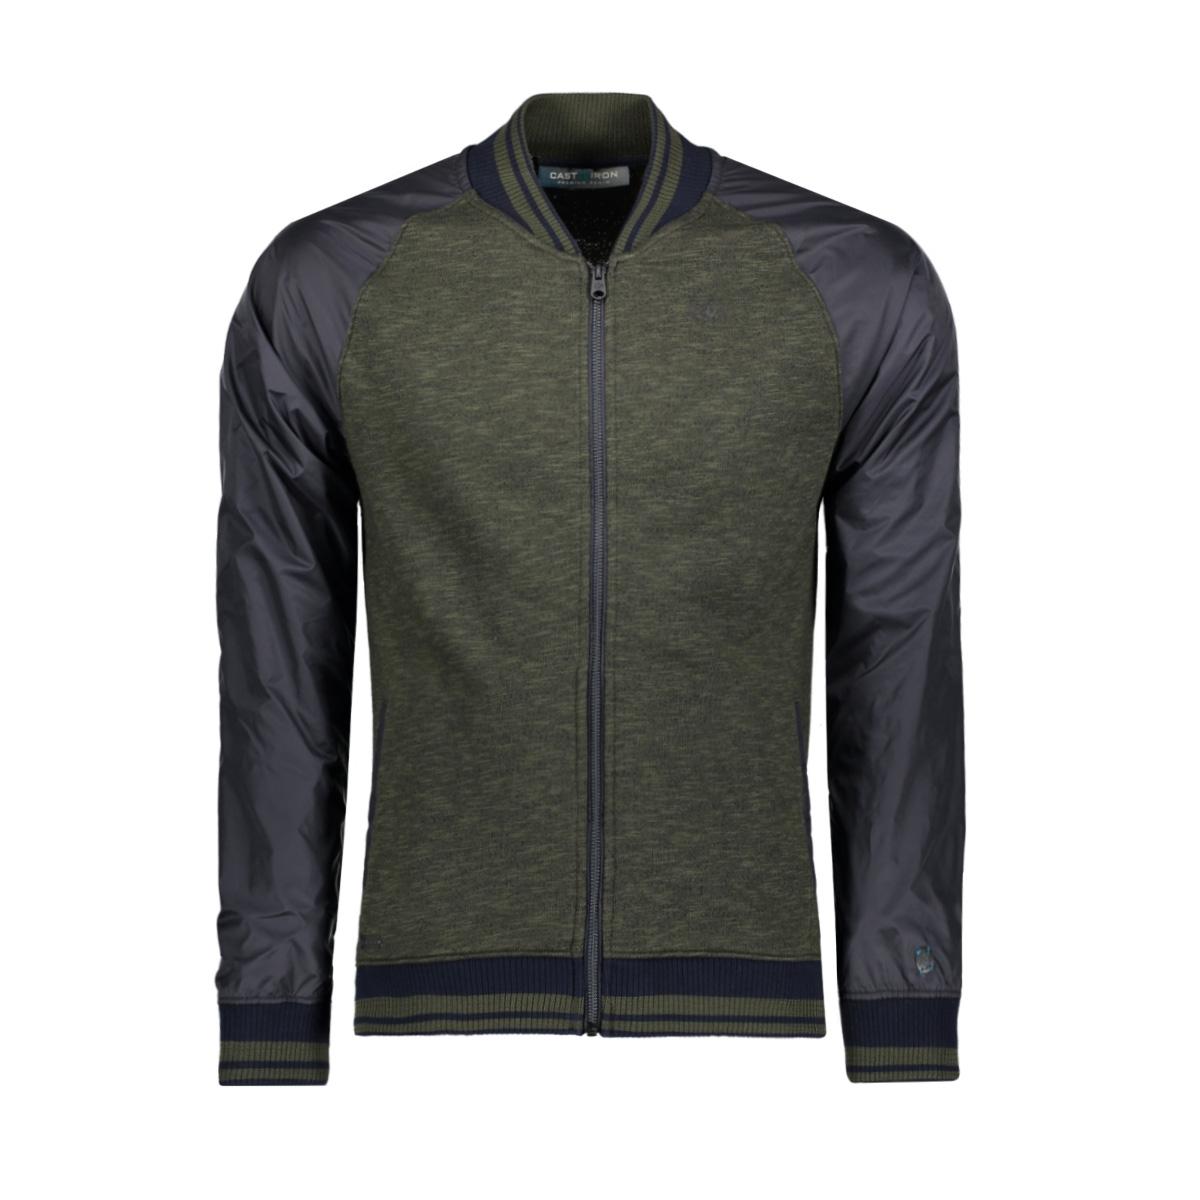 csw177004 cast iron vest 6416